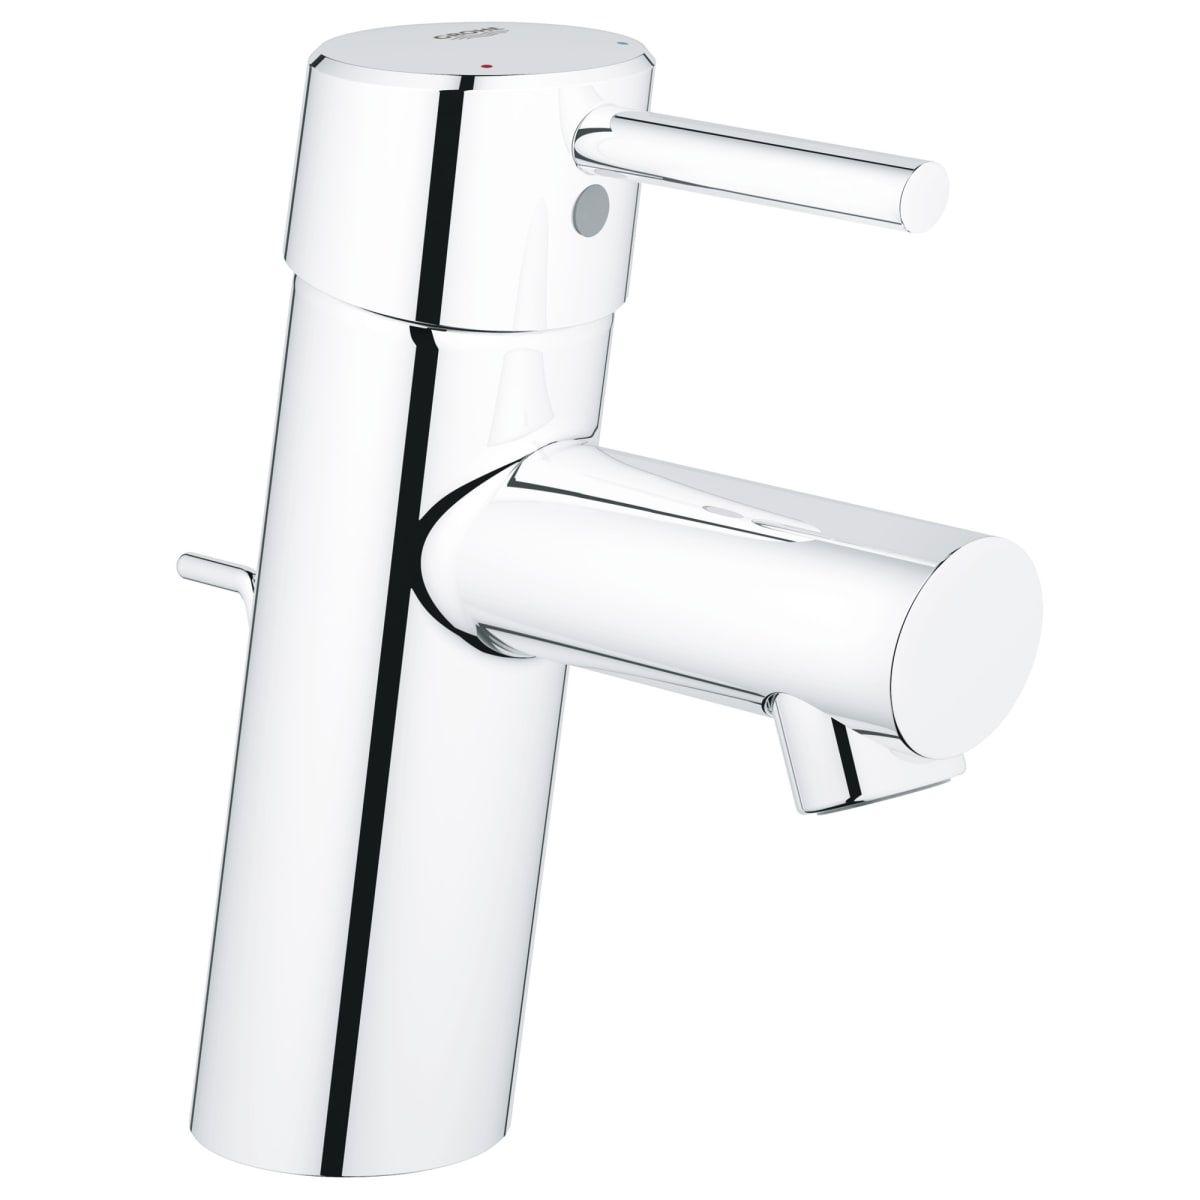 Grohe 34 270 A Build Com Bathroom Faucets Single Hole Bathroom Faucet Low Arc Bathroom Faucet [ 1200 x 1200 Pixel ]